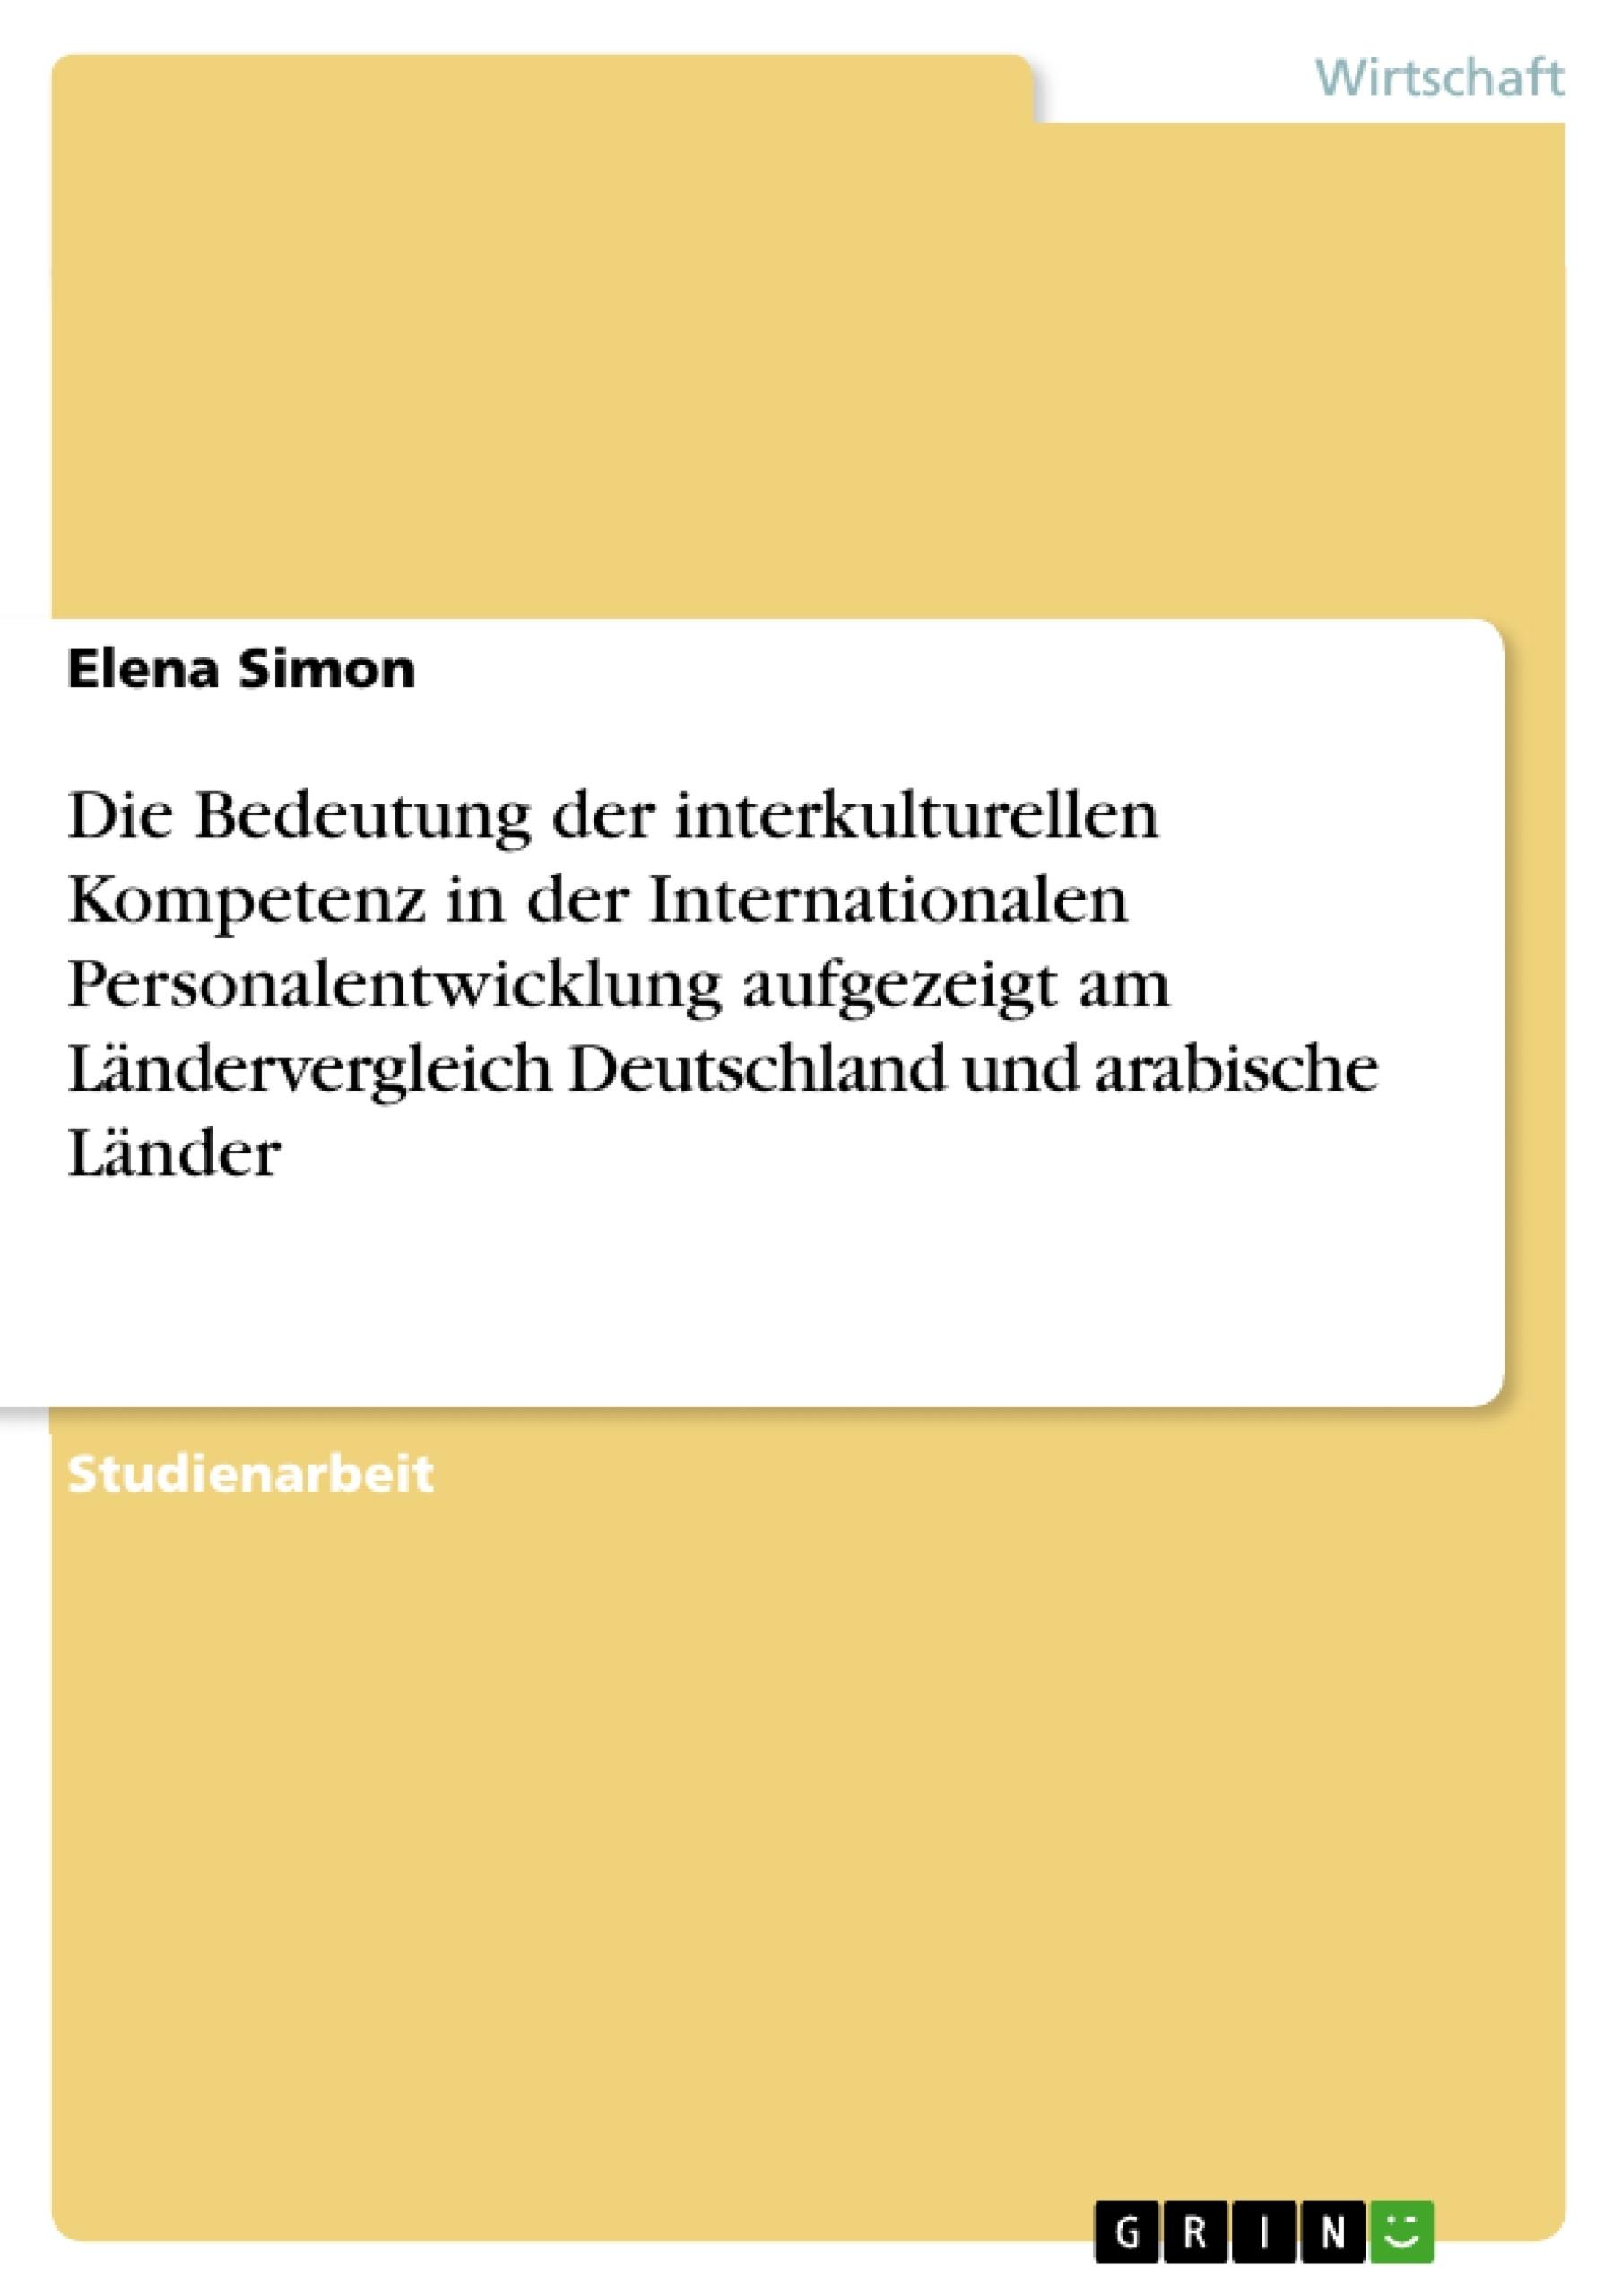 Titel: Die Bedeutung der interkulturellen Kompetenz in der Internationalen Personalentwicklung aufgezeigt am Ländervergleich Deutschland und arabische Länder